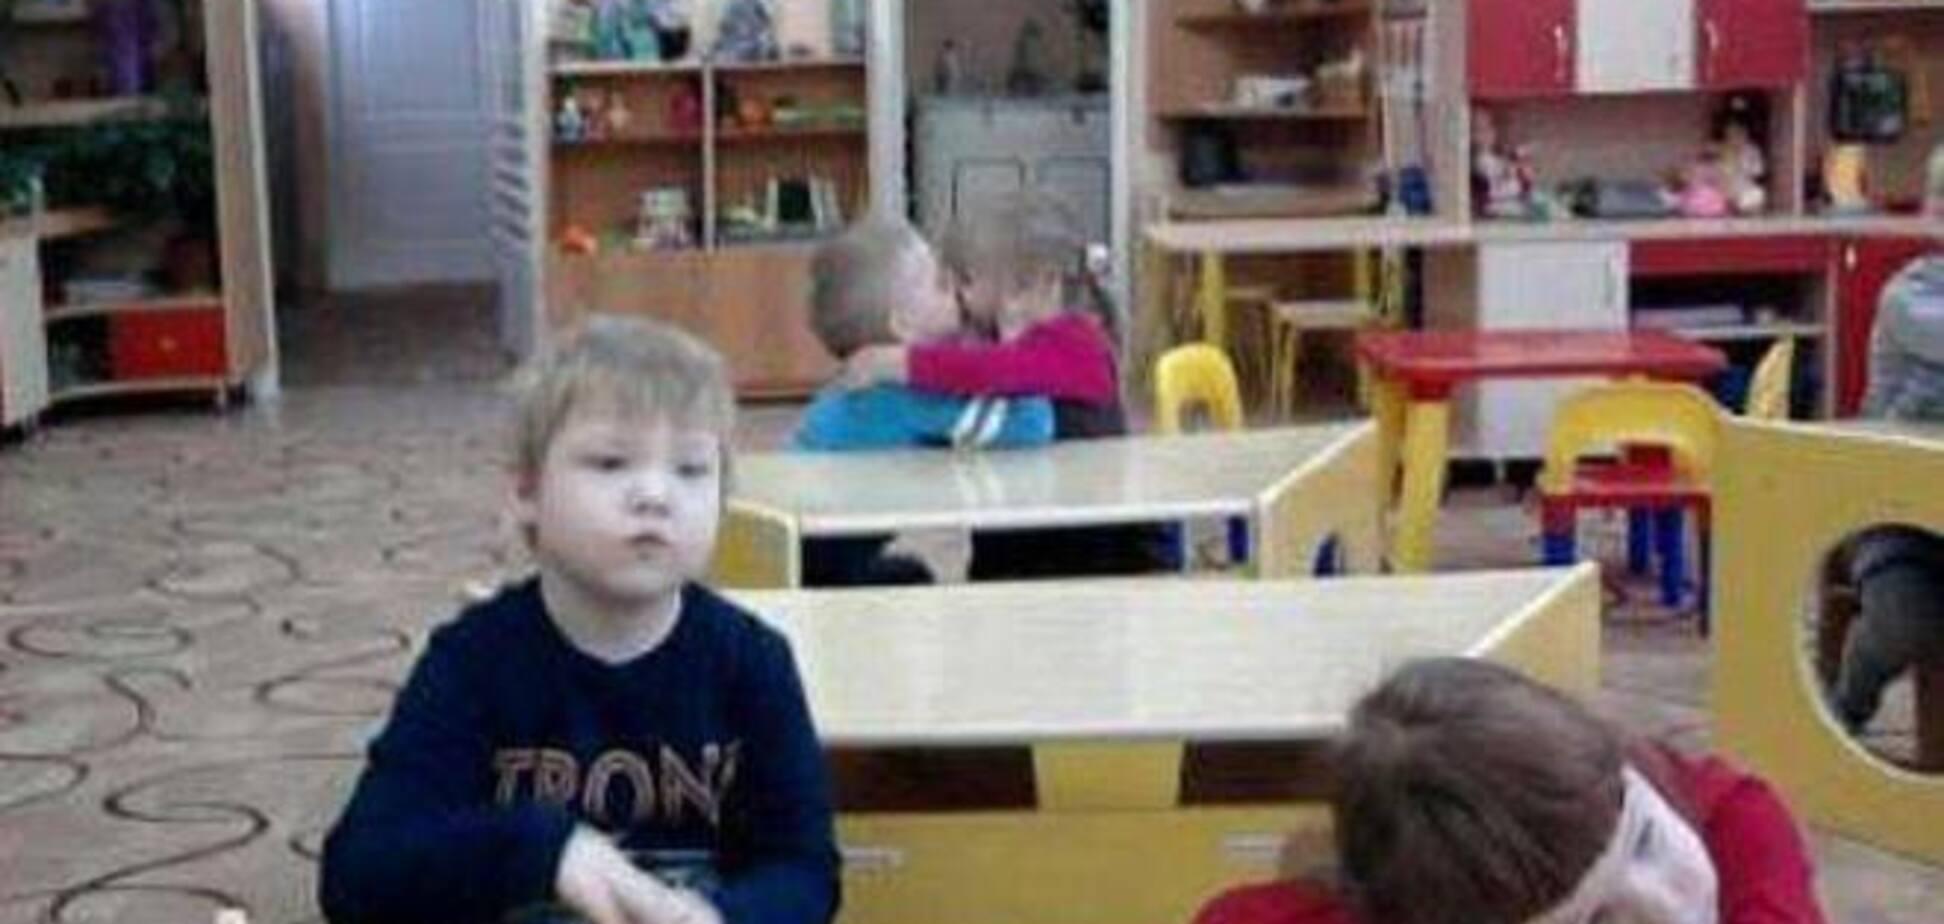 Что происходит на задних партах в детском саду: смешное фото